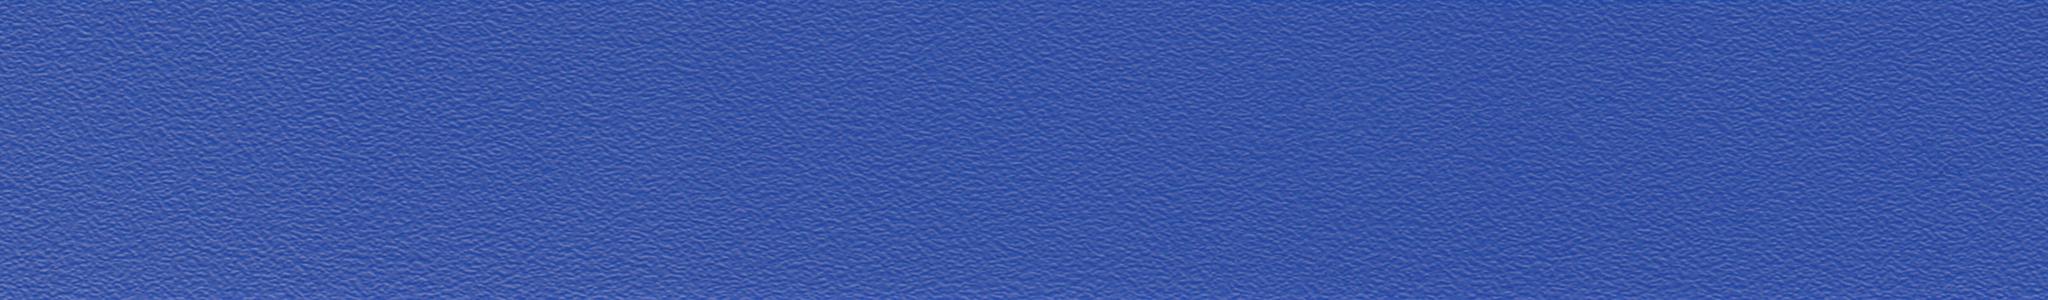 HU 15527 ABS hrana modrá perla XG